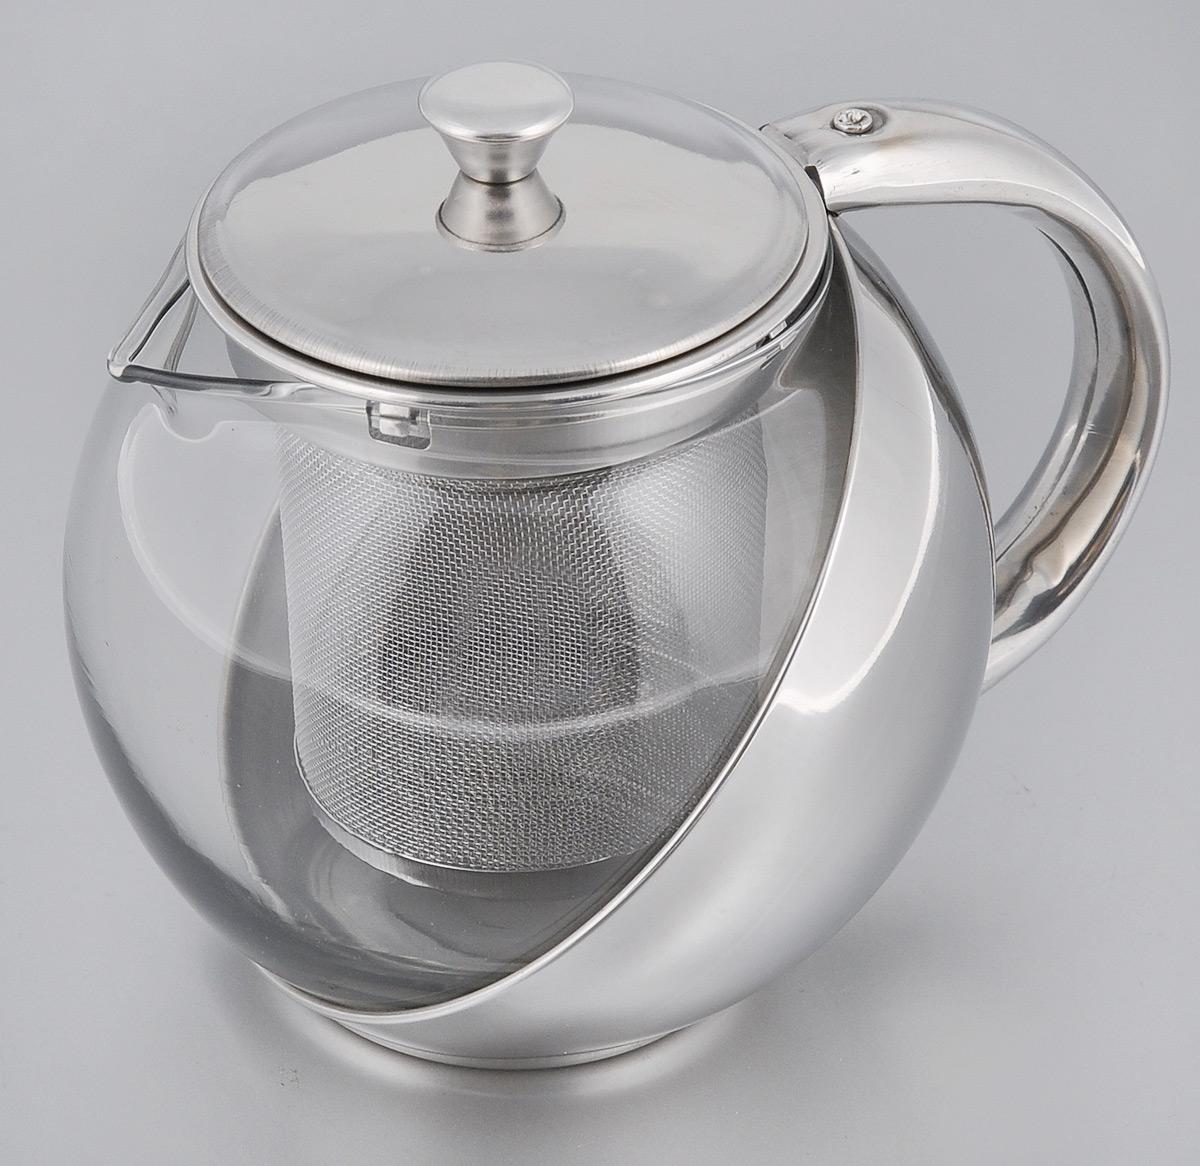 Чайник заварочный Miolla, с фильтром, 500 млDHA030BЗаварочный чайник Miolla, изготовленный из термостойкого стекла,предоставит вам все необходимые возможности для успешного заваривания чая.Чай в таком чайнике дольше остается горячим, а полезные и ароматическиевещества полностью сохраняются в напитке. Чайник оснащен фильтром, выполненном из нержавеющей стали. Простой и удобный чайник поможет вам приготовить крепкий, ароматный чай.Нельзя мыть в посудомоечной машине. Не использовать в микроволновой печи.Диаметр чайника (по верхнему краю): 7 см.Высота чайника (без учета крышки): 10 см.Высота фильтра: 8 см.